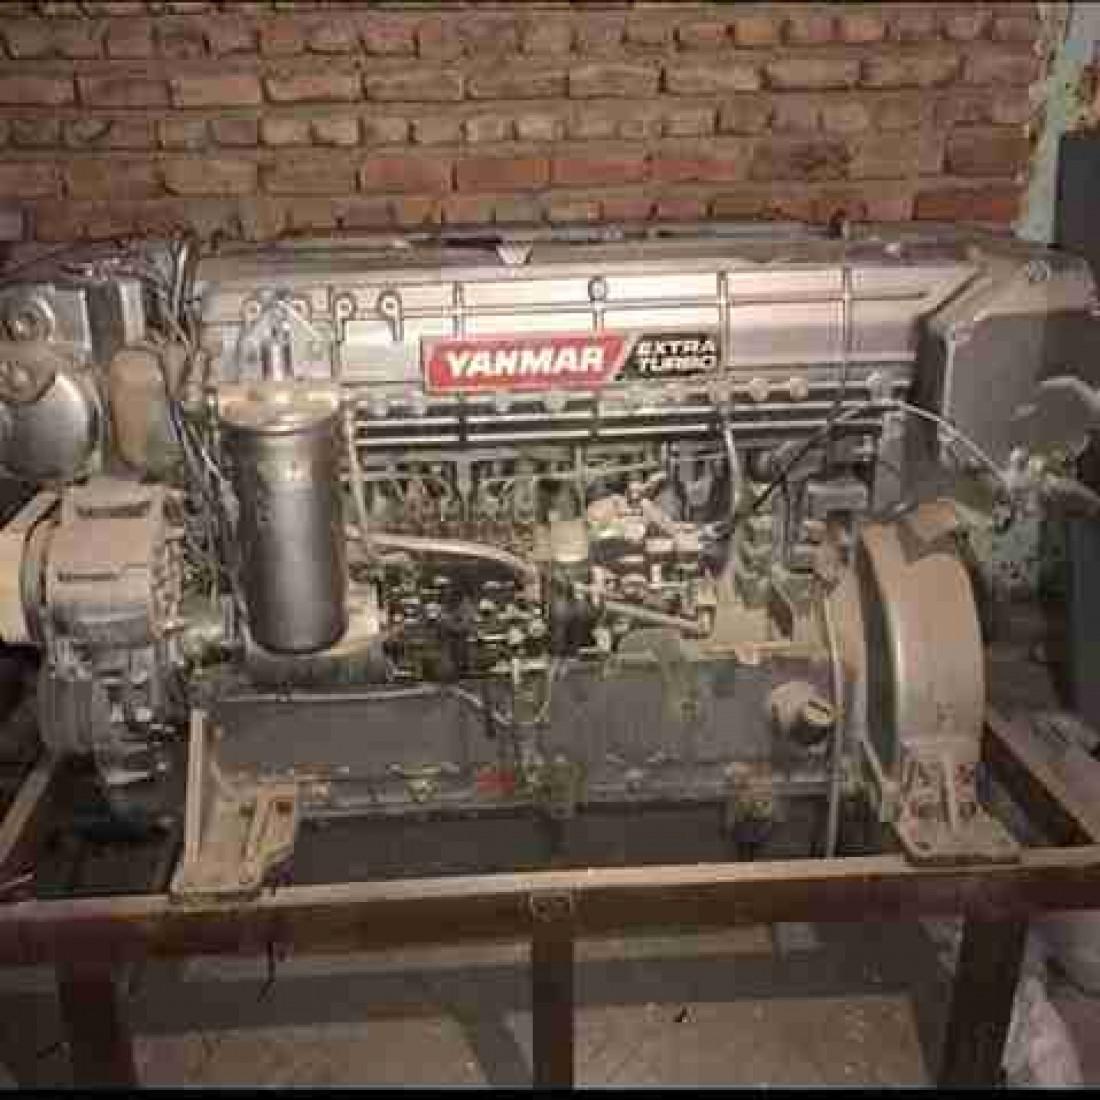 موتور یانمارجفت سوپر